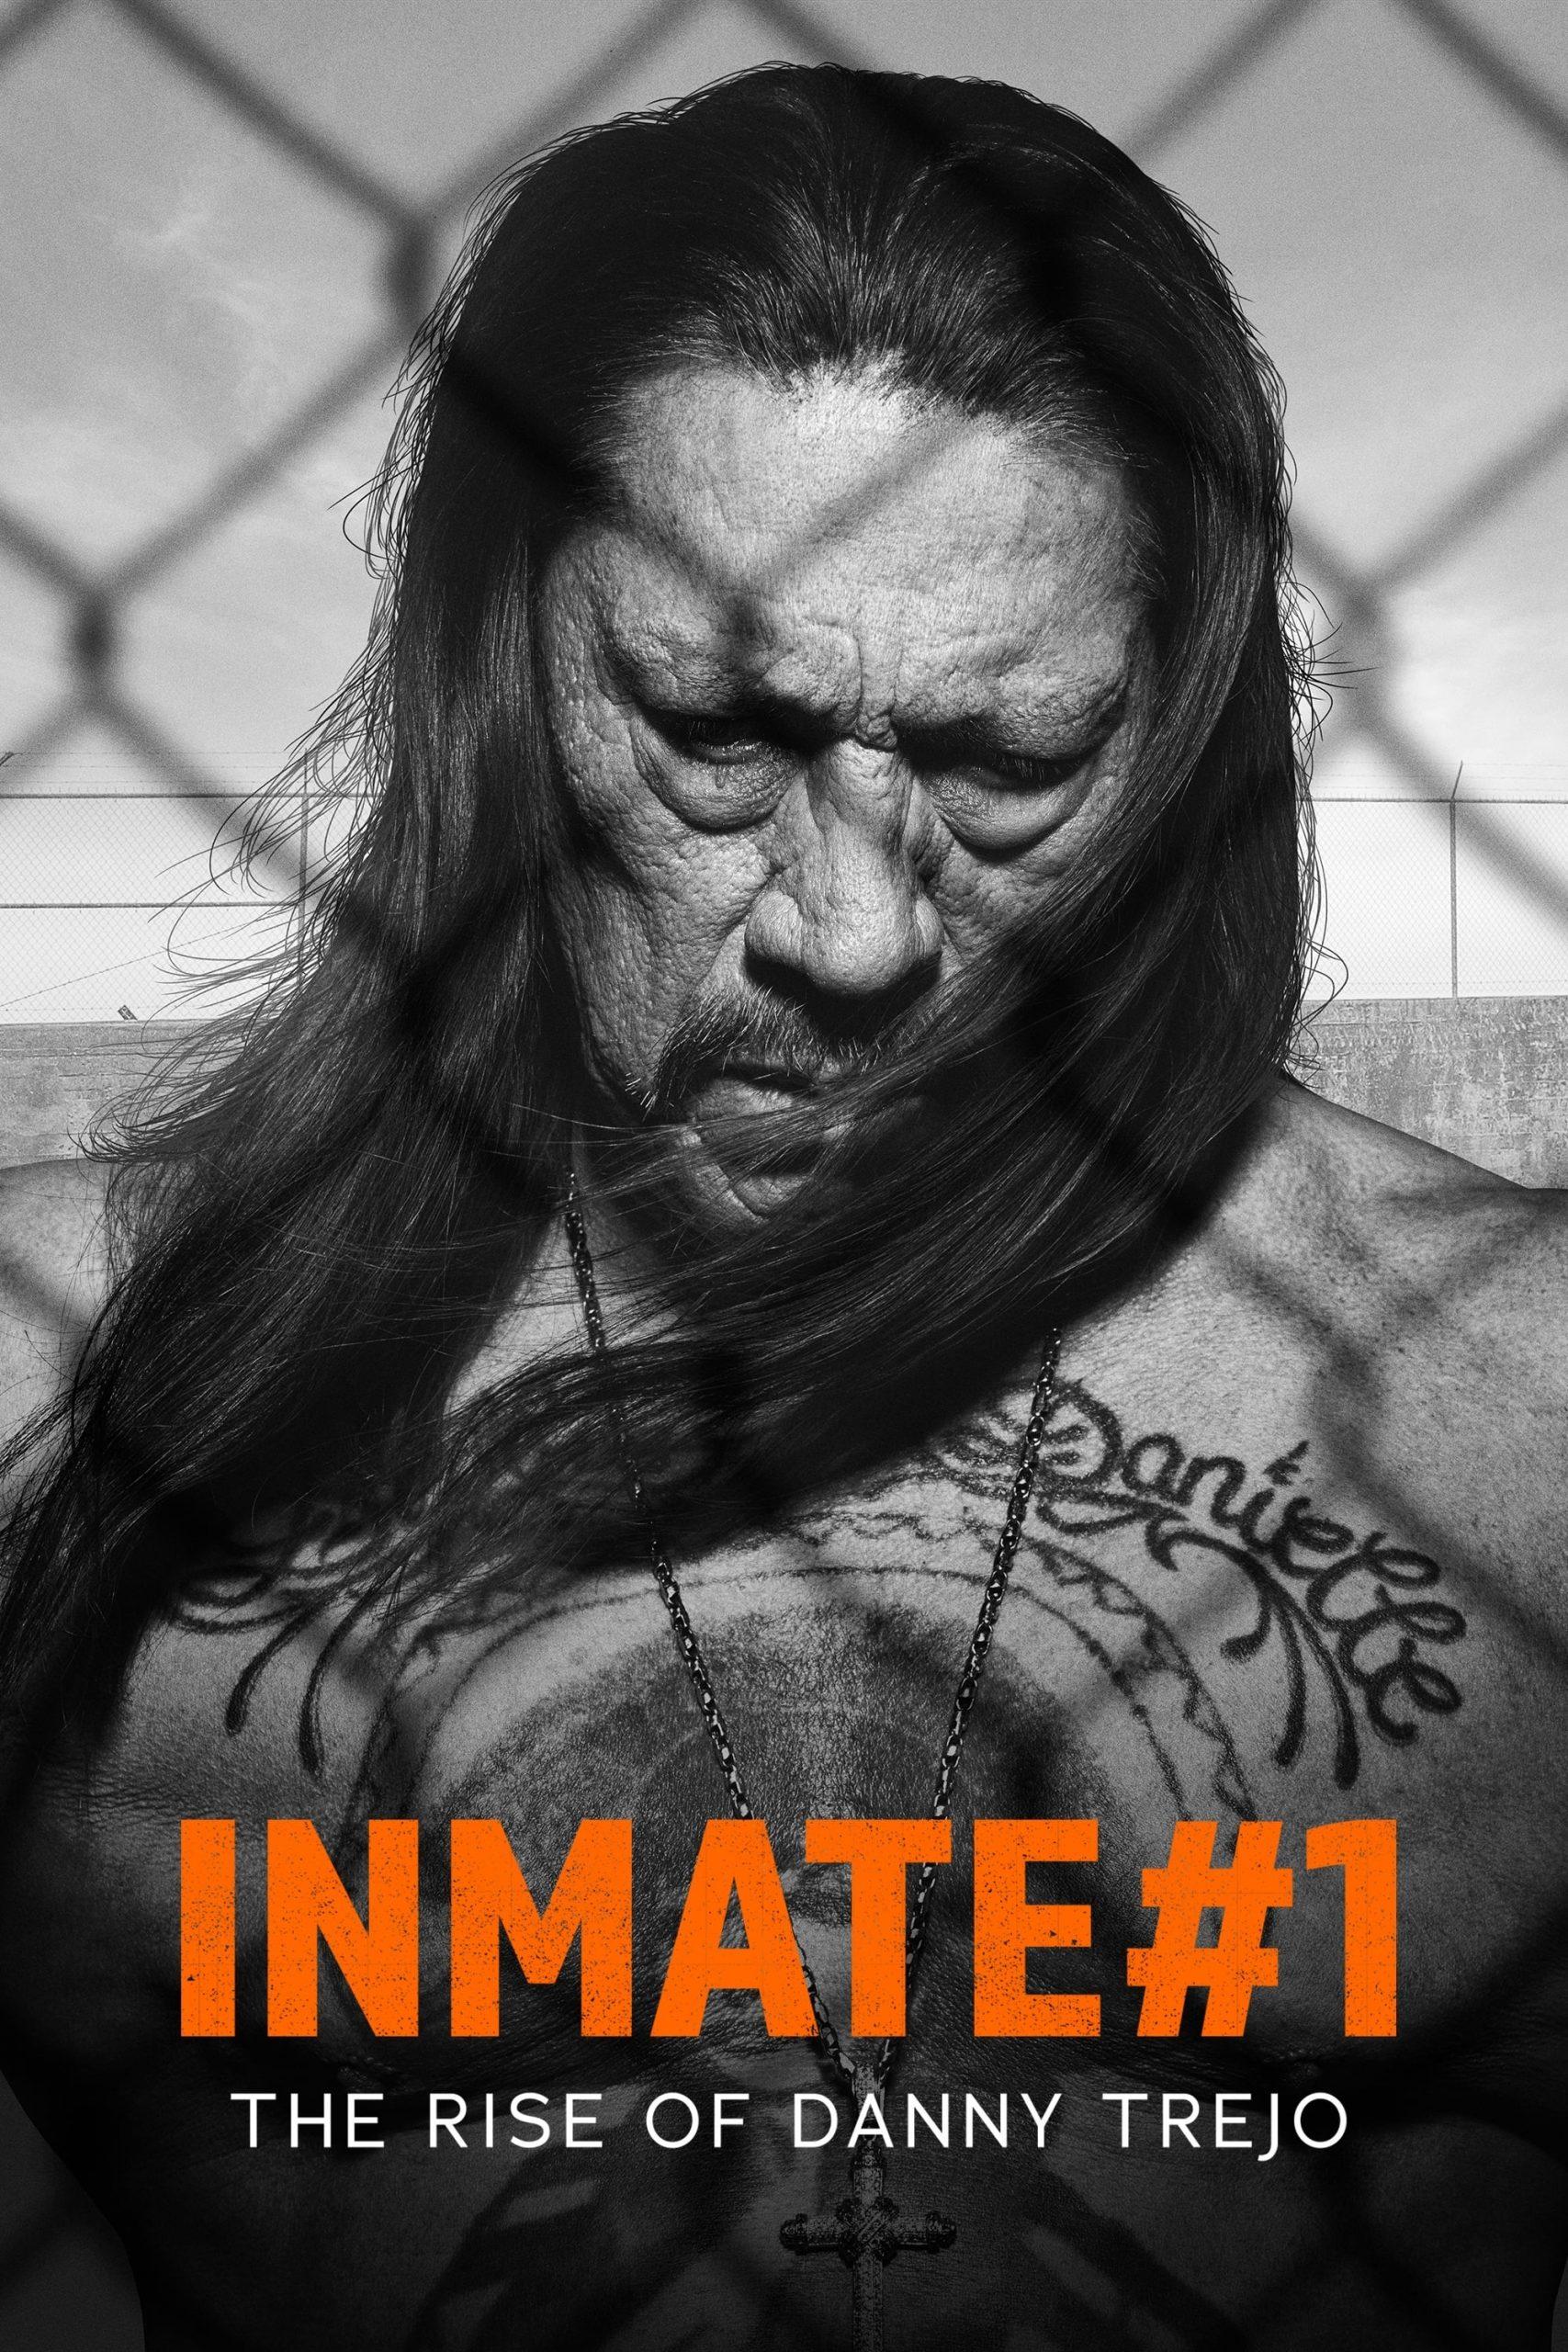 دانلود فیلم Inmate #1: The Rise of Danny Trejo 2019